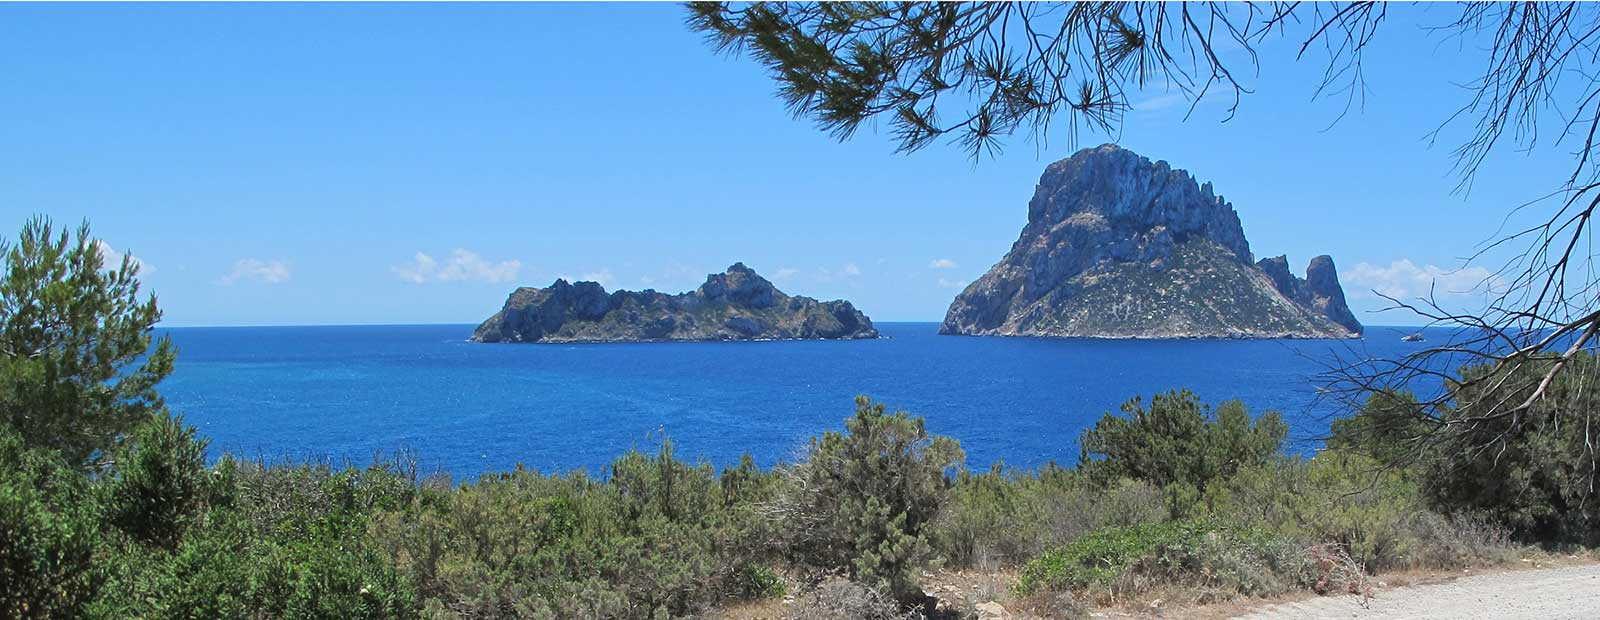 Exklusive Fincas auf Ibiza